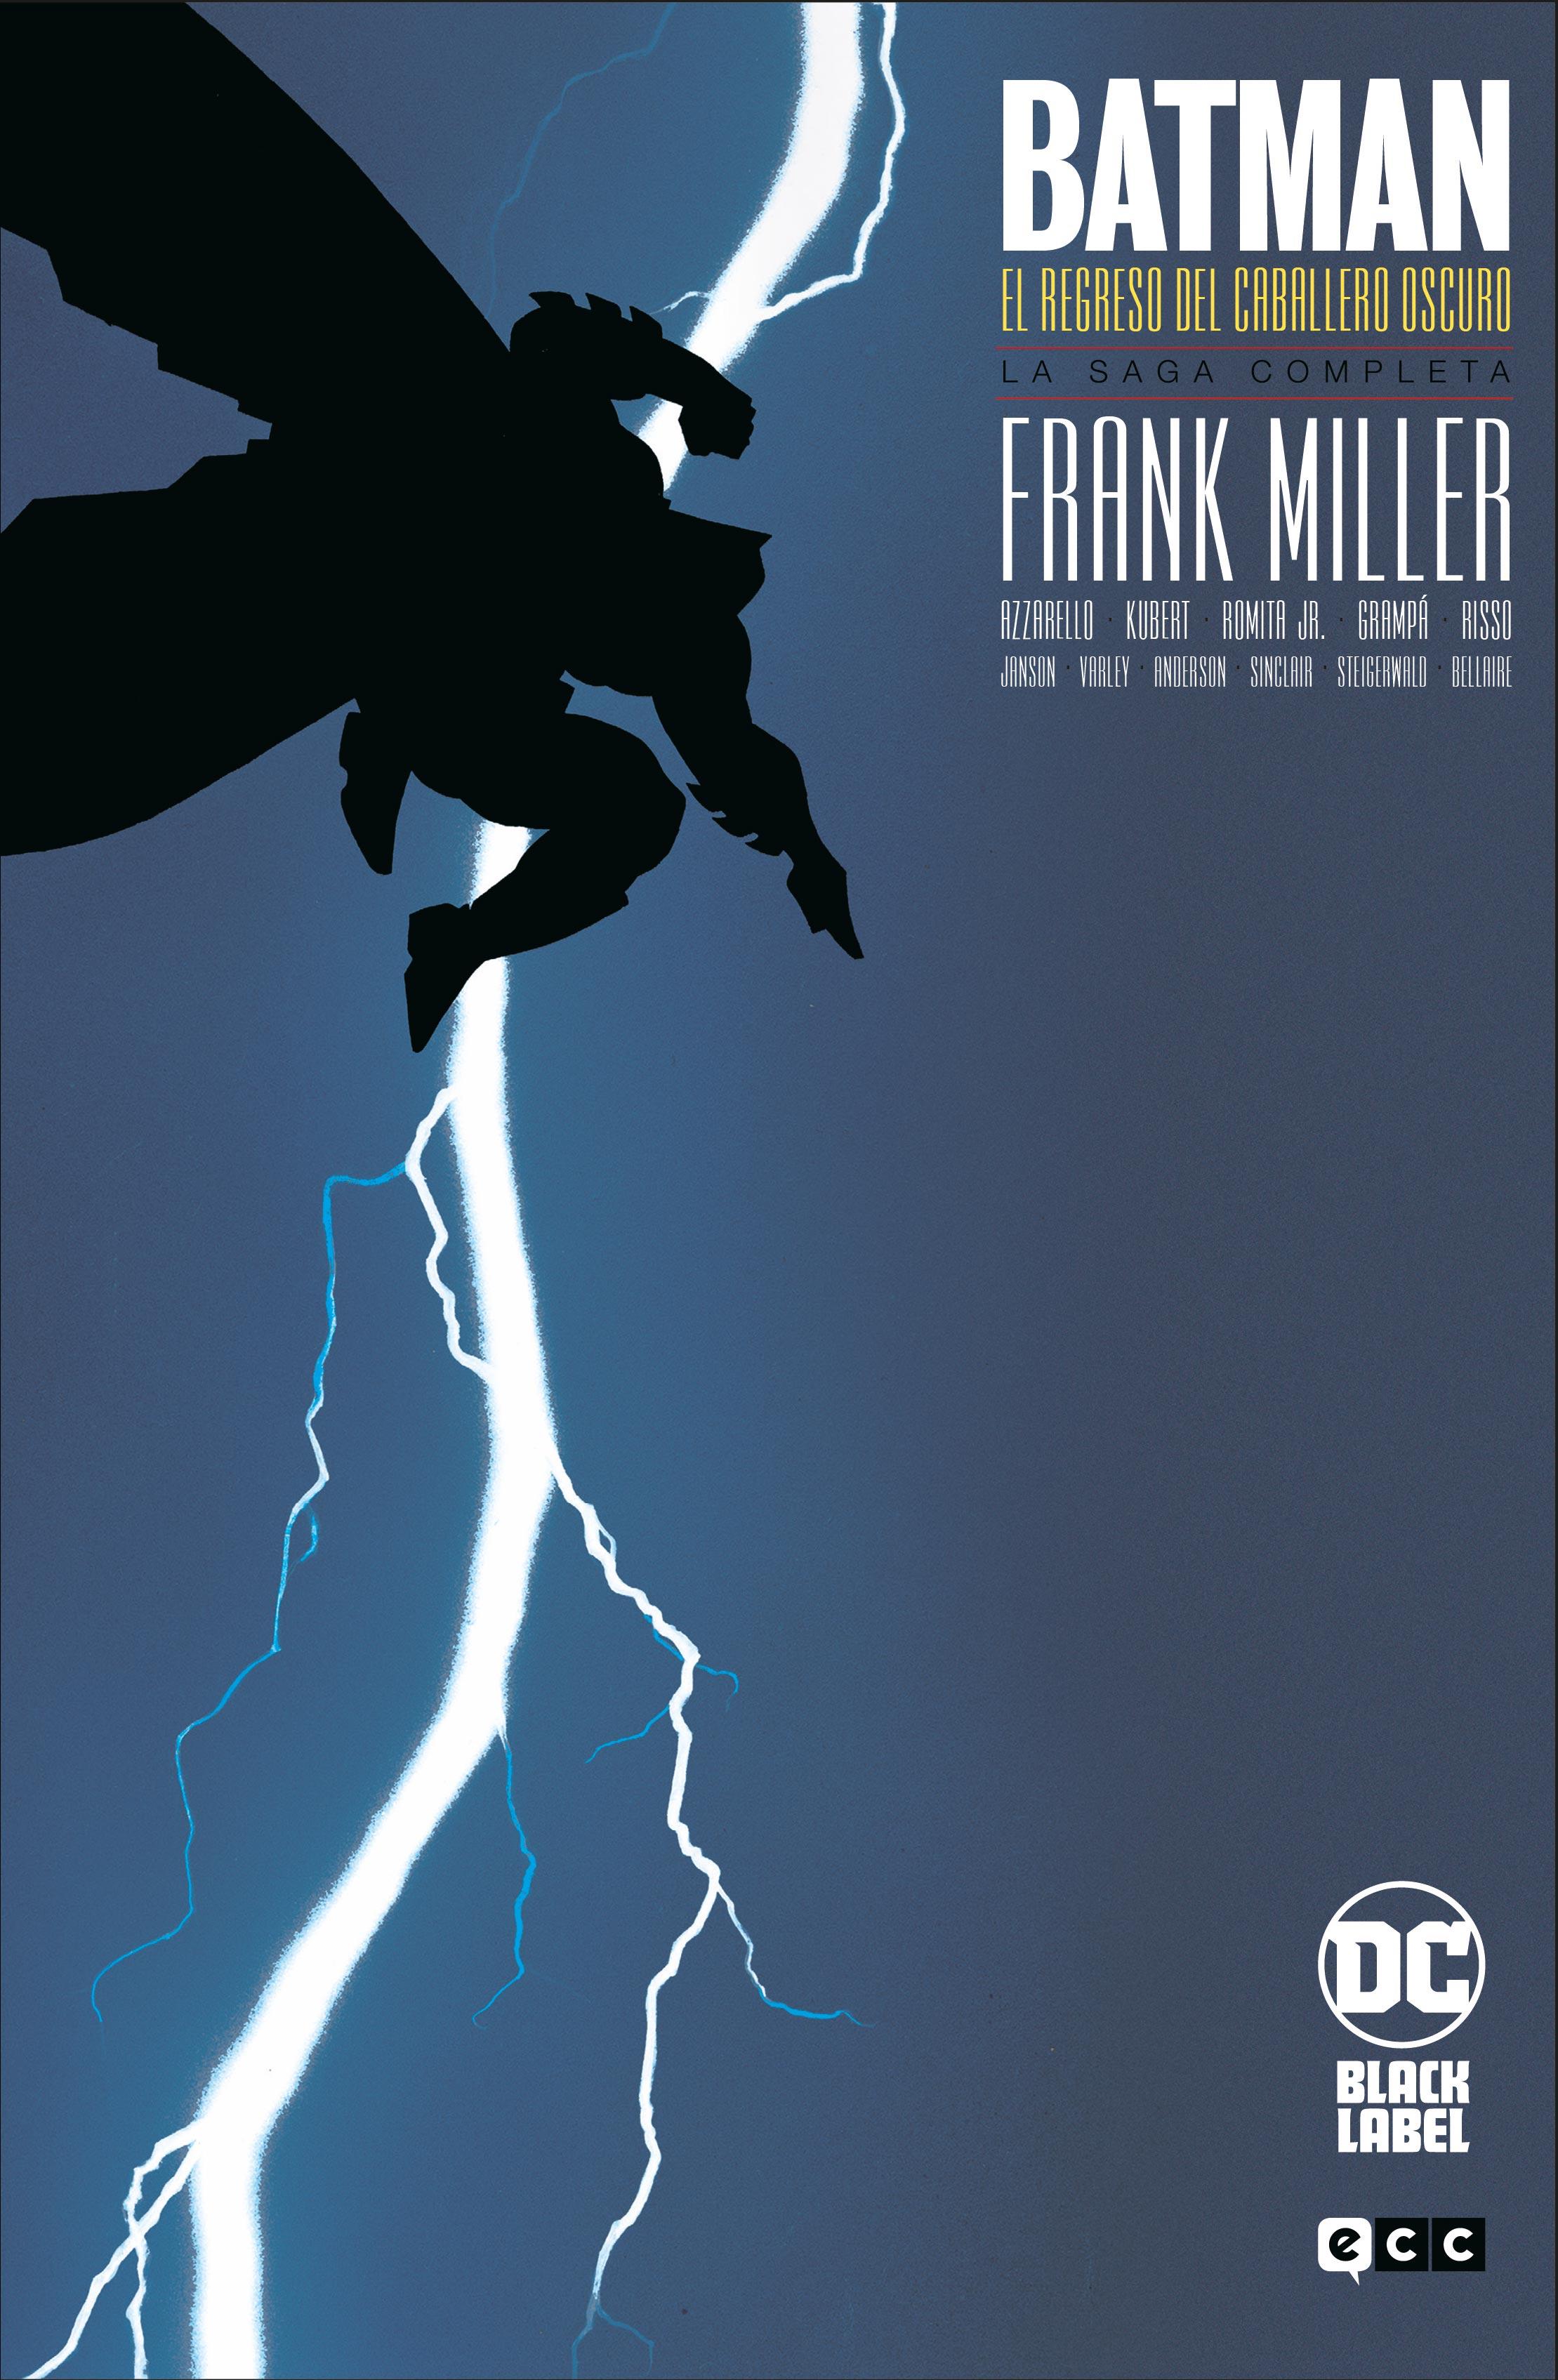 El Regreso del Caballero Oscuro – La saga completa (Batman Day 2020)